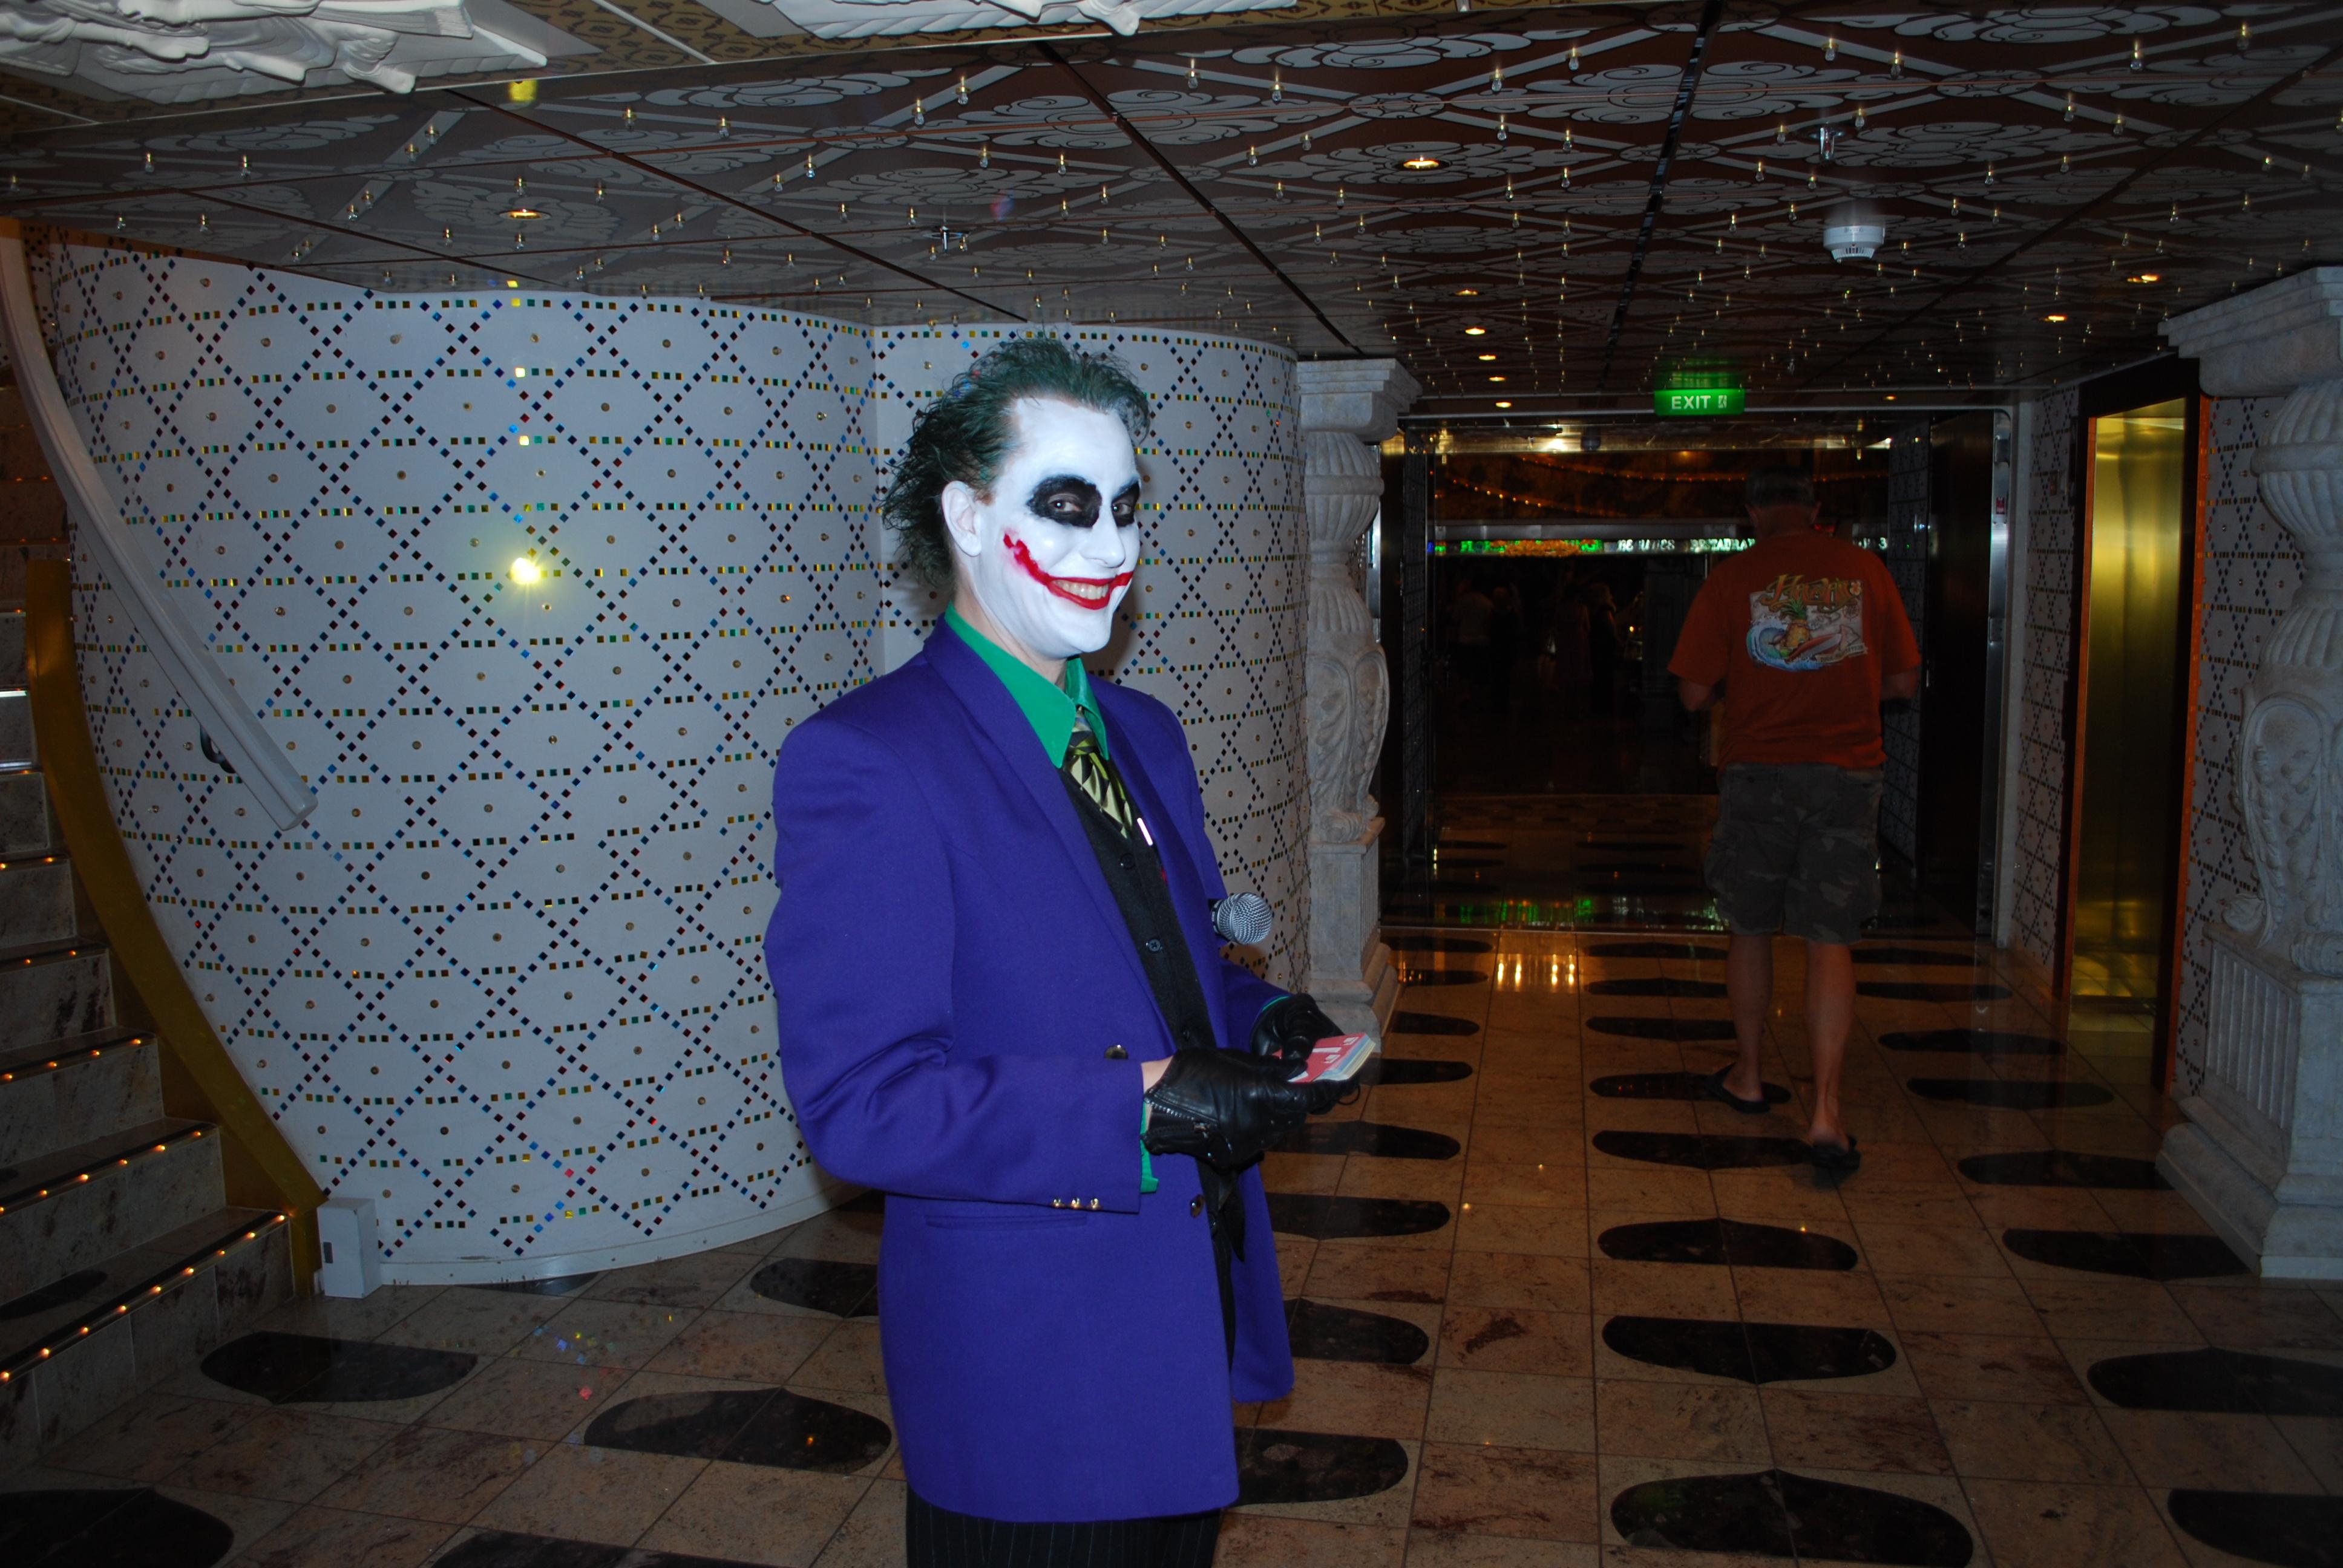 PR 10 08 p a Joker_